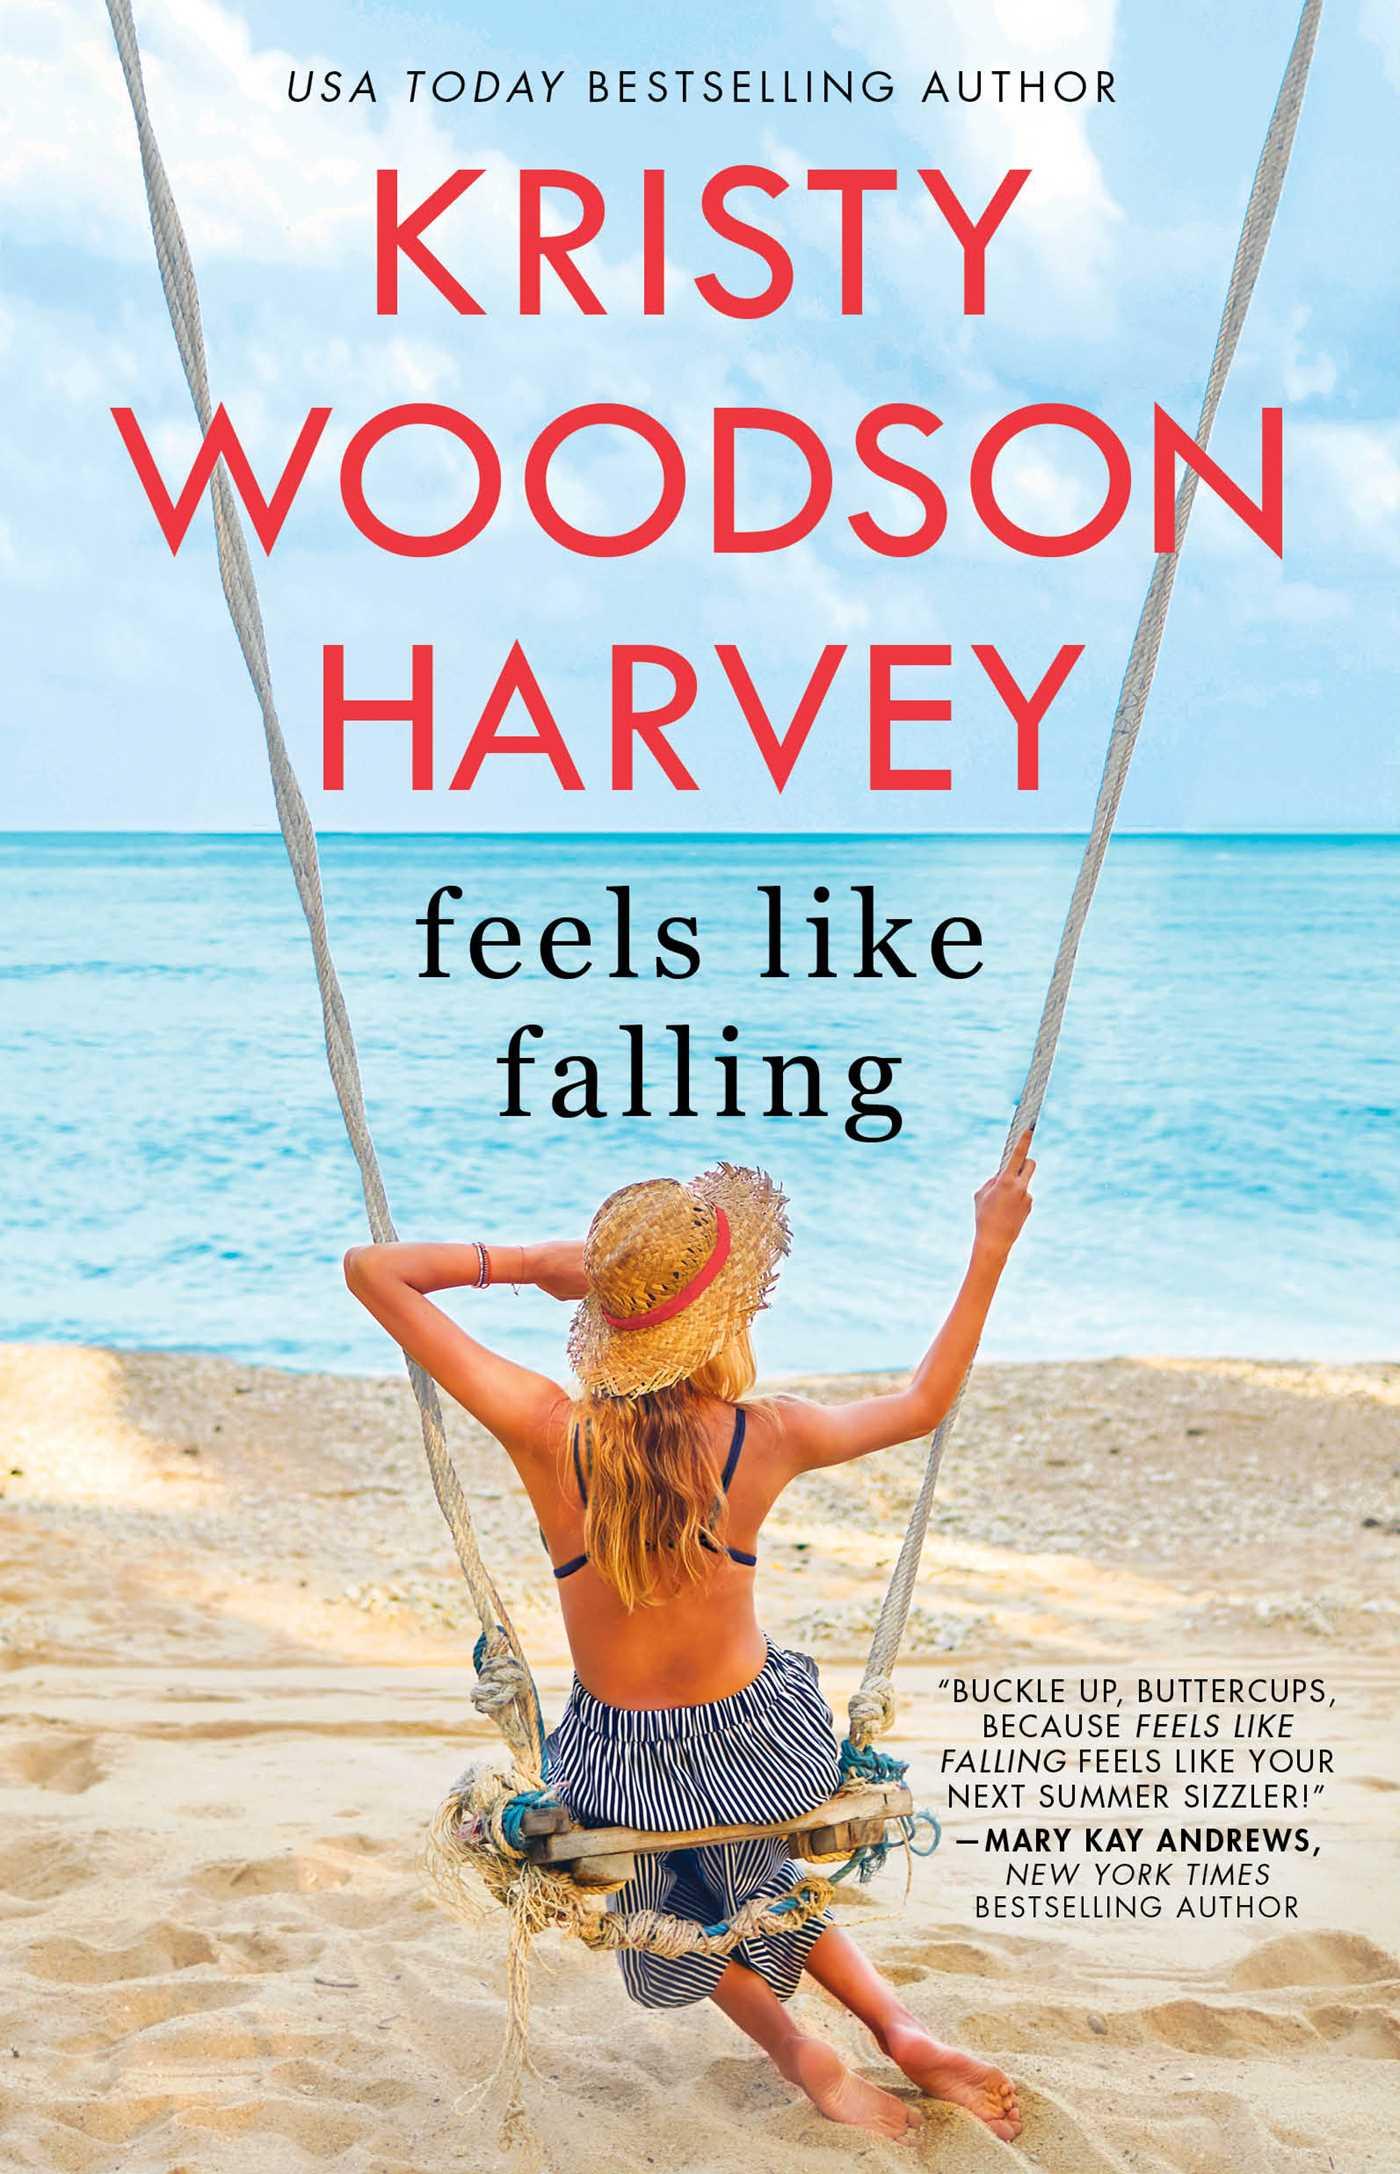 Blue Water High Cast feels like falling | bookkristy woodson harvey